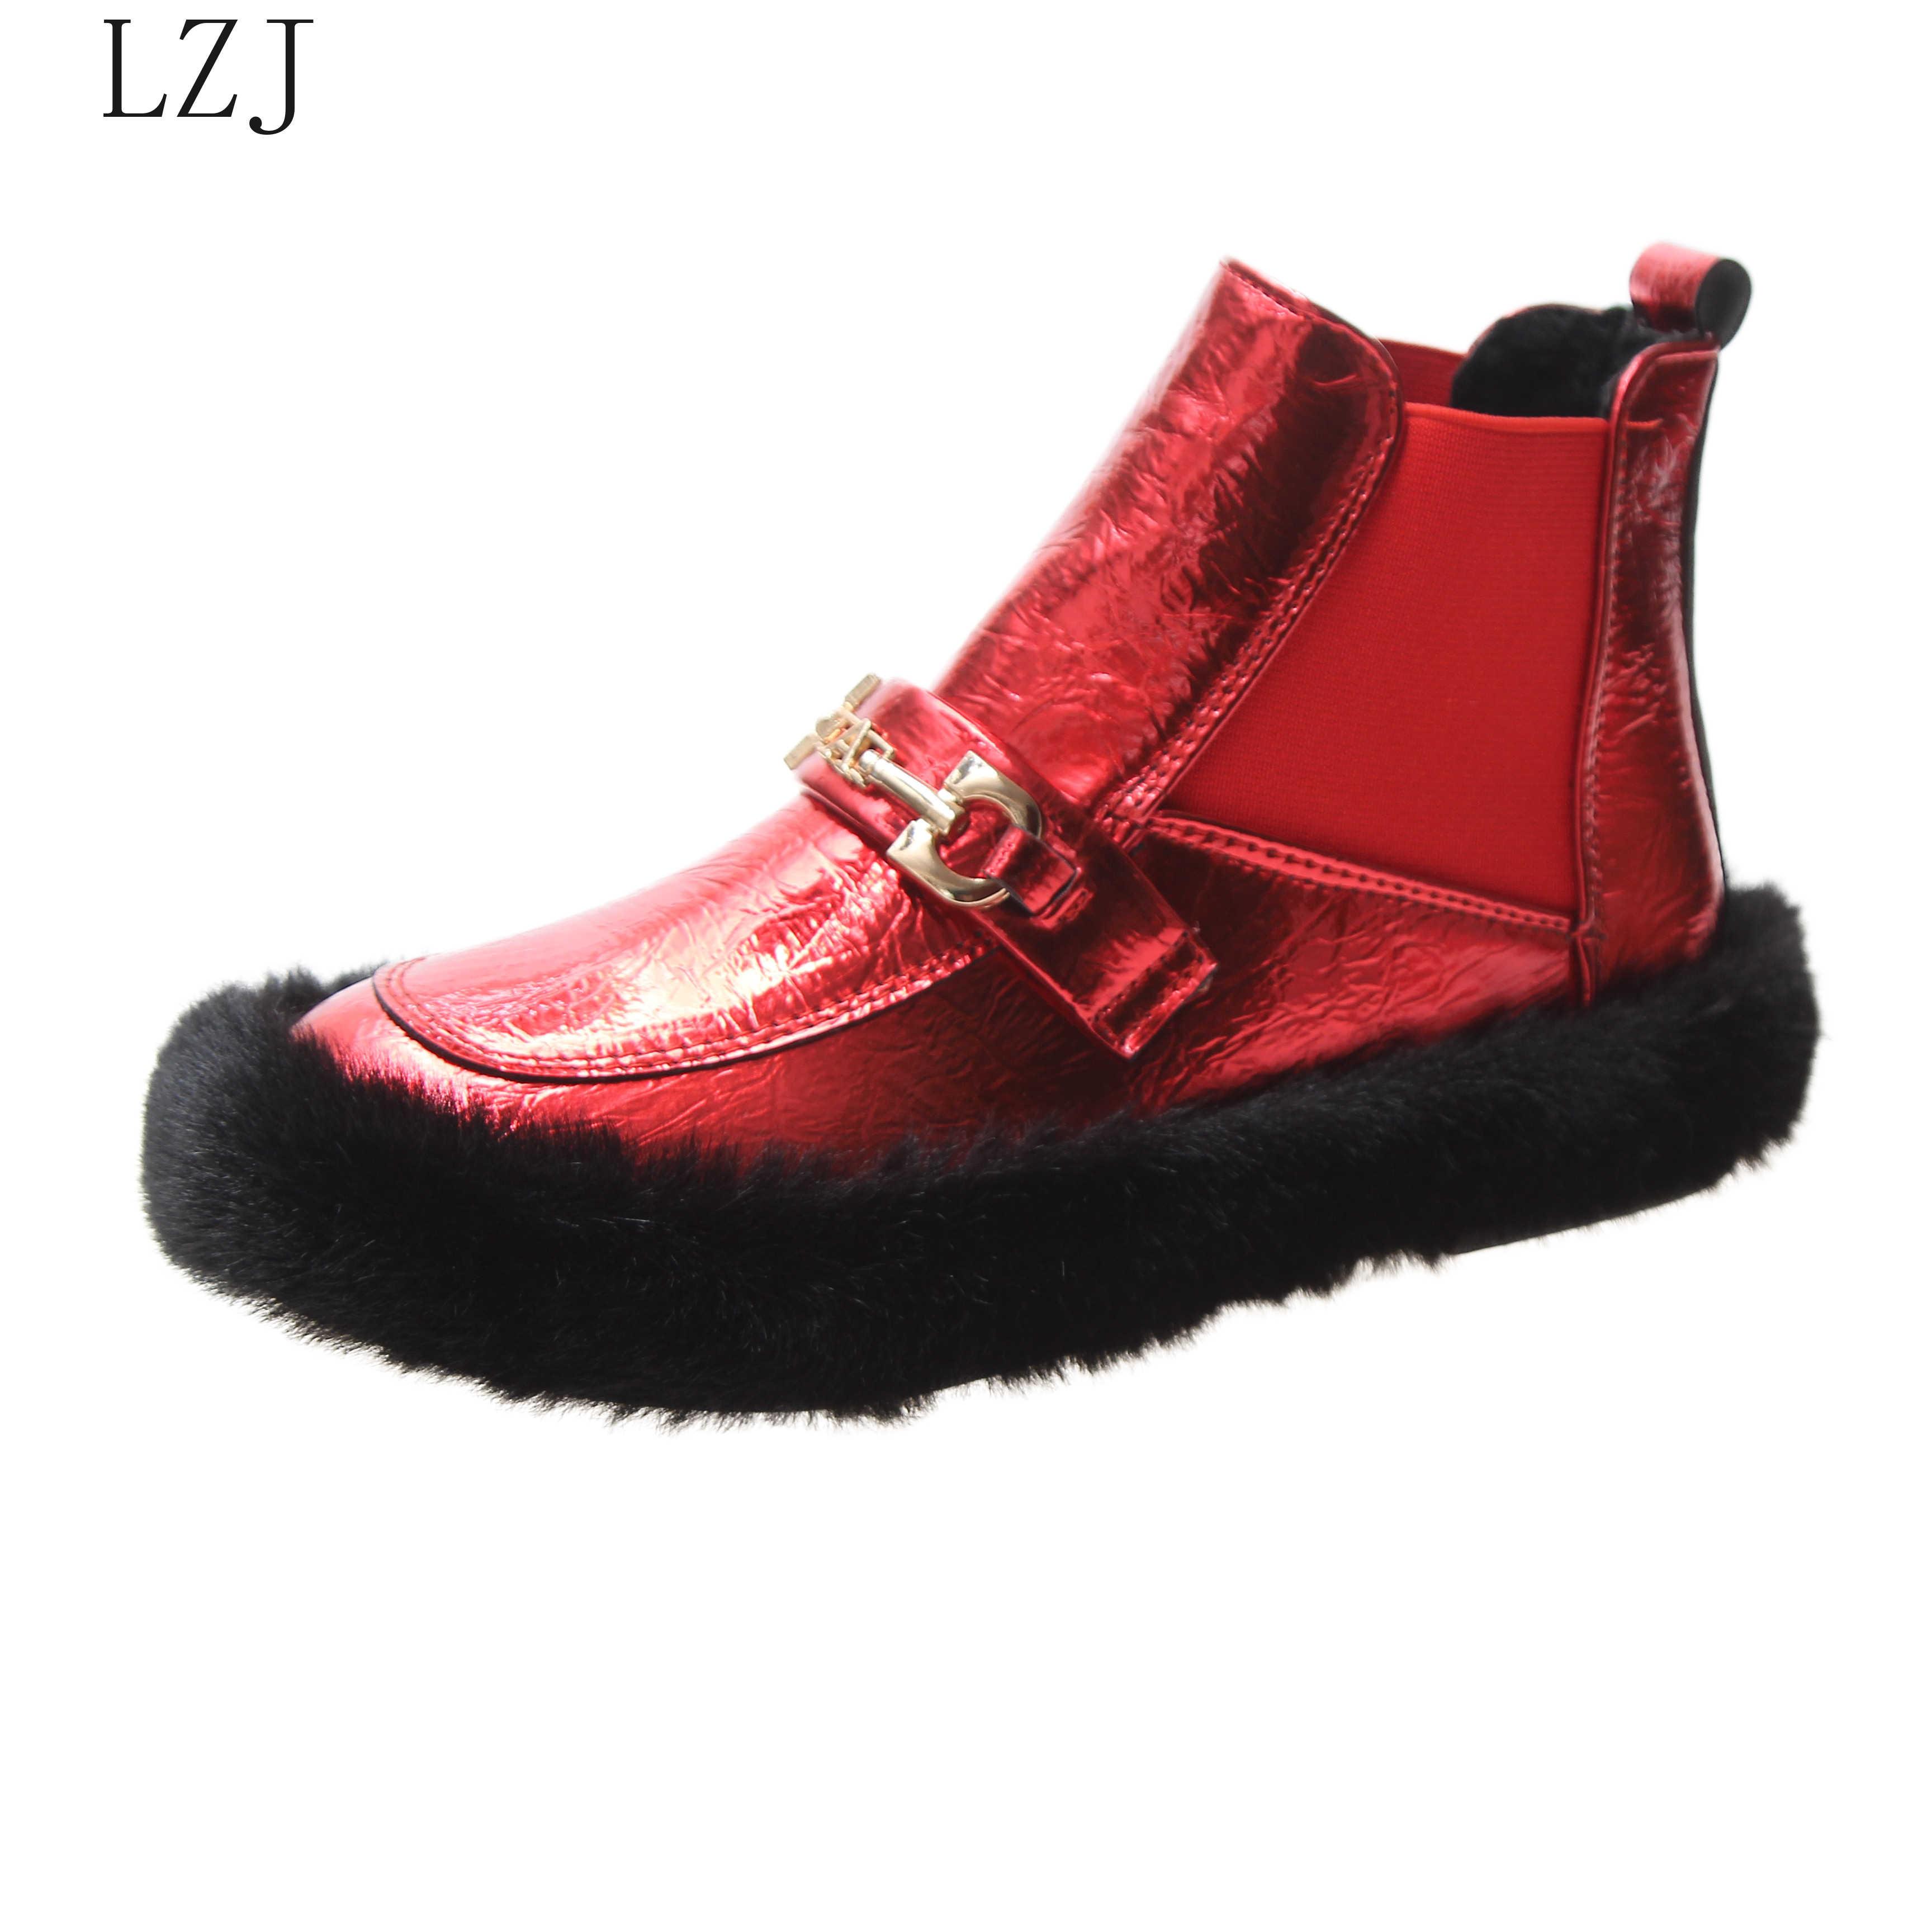 แฟชั่นหนาขนสัตว์ผู้หญิงหิมะรองเท้าบูทรอบ Toe กันน้ำหญิงแบนสูงฤดูหนาวรองเท้าเย็บรองเท้าบูทรองเท้าผ้าใบ